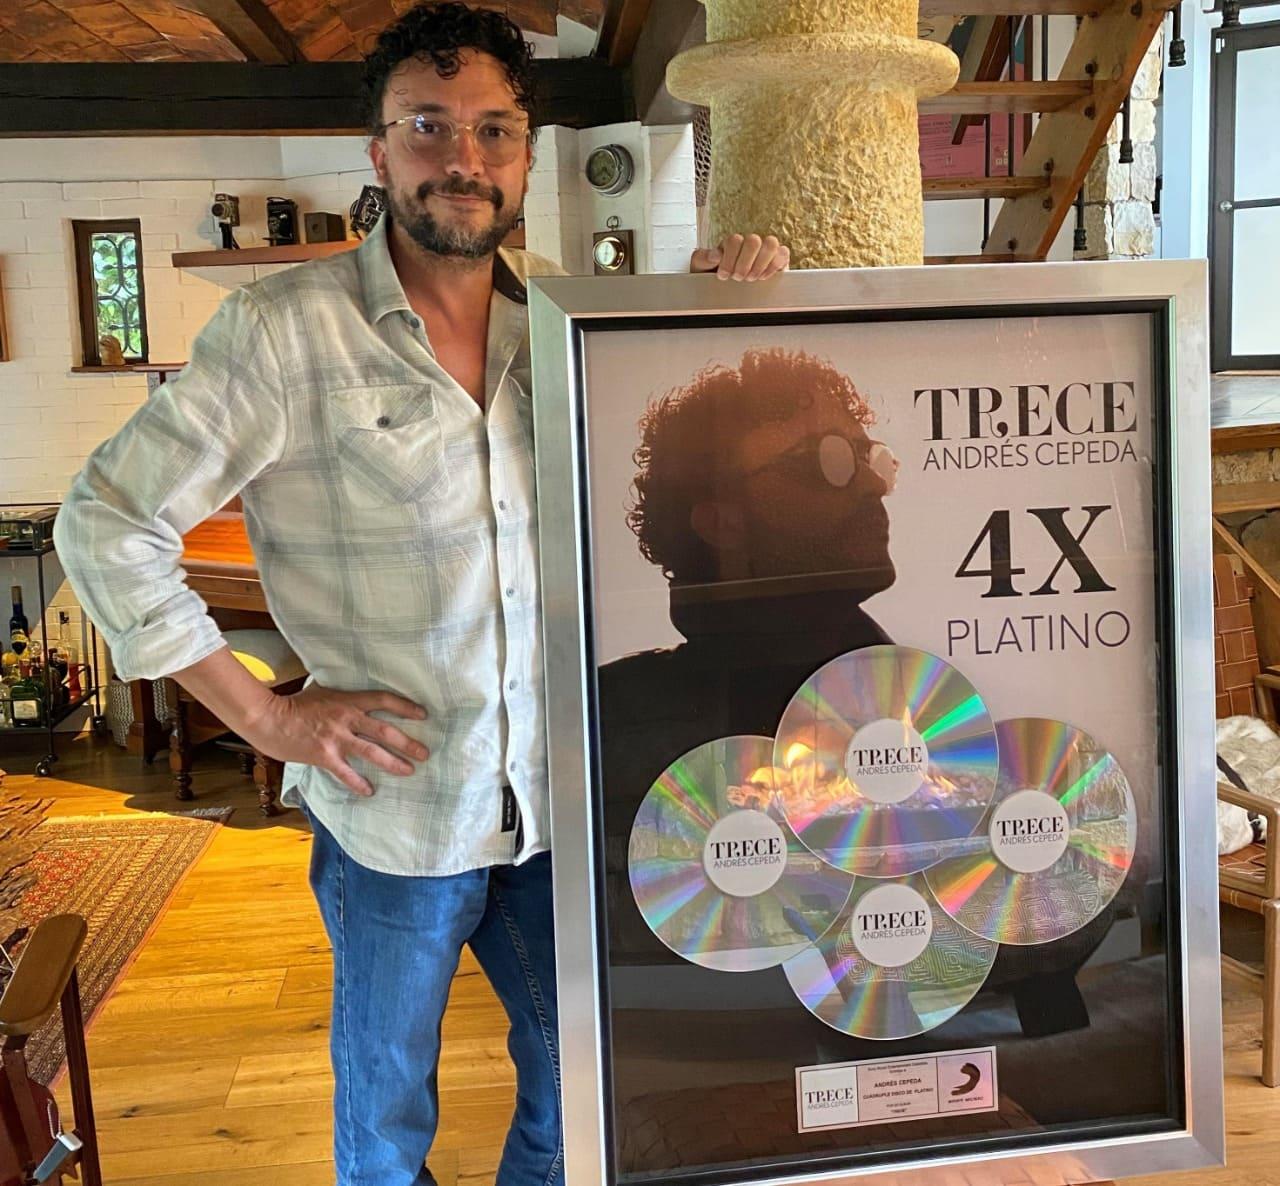 El Álbum ´Trece´ de Andrés Cepeda alcanza certificación Cuádruple Platino